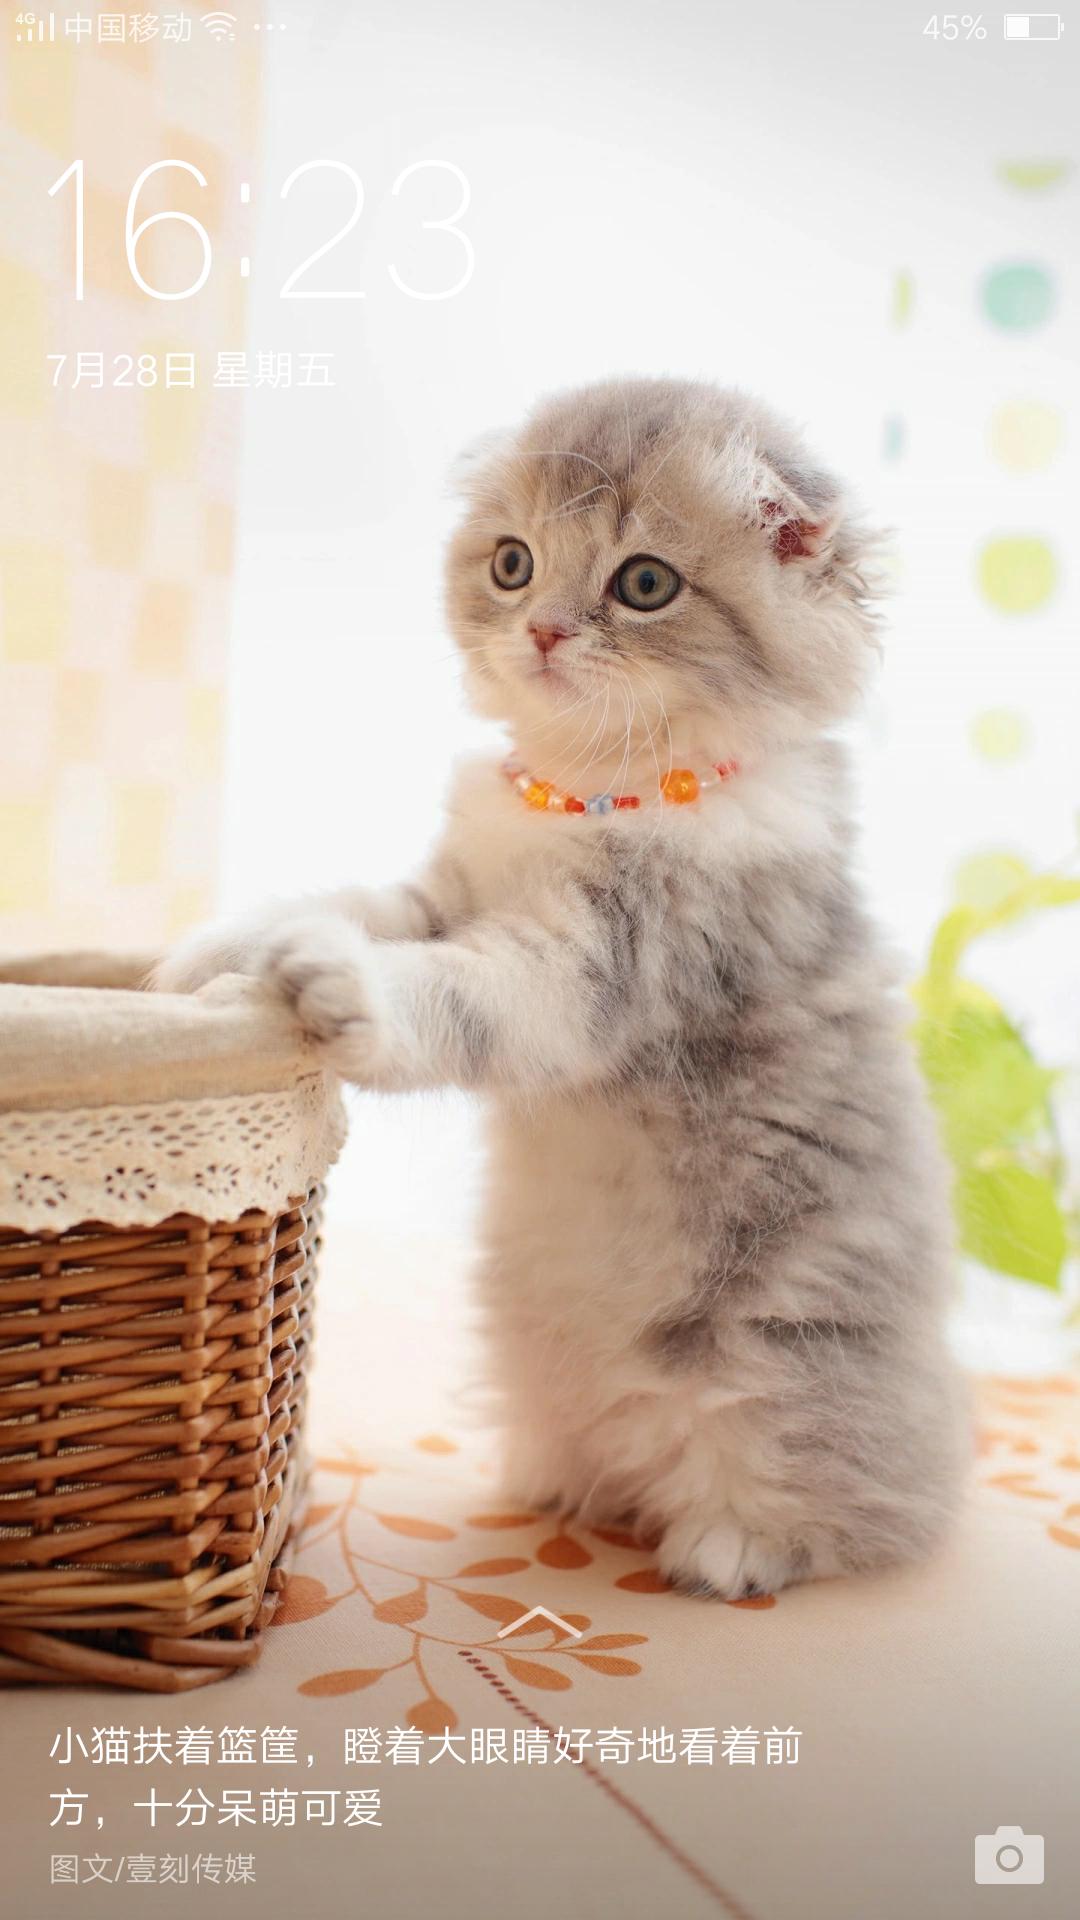 好可爱的猫咪